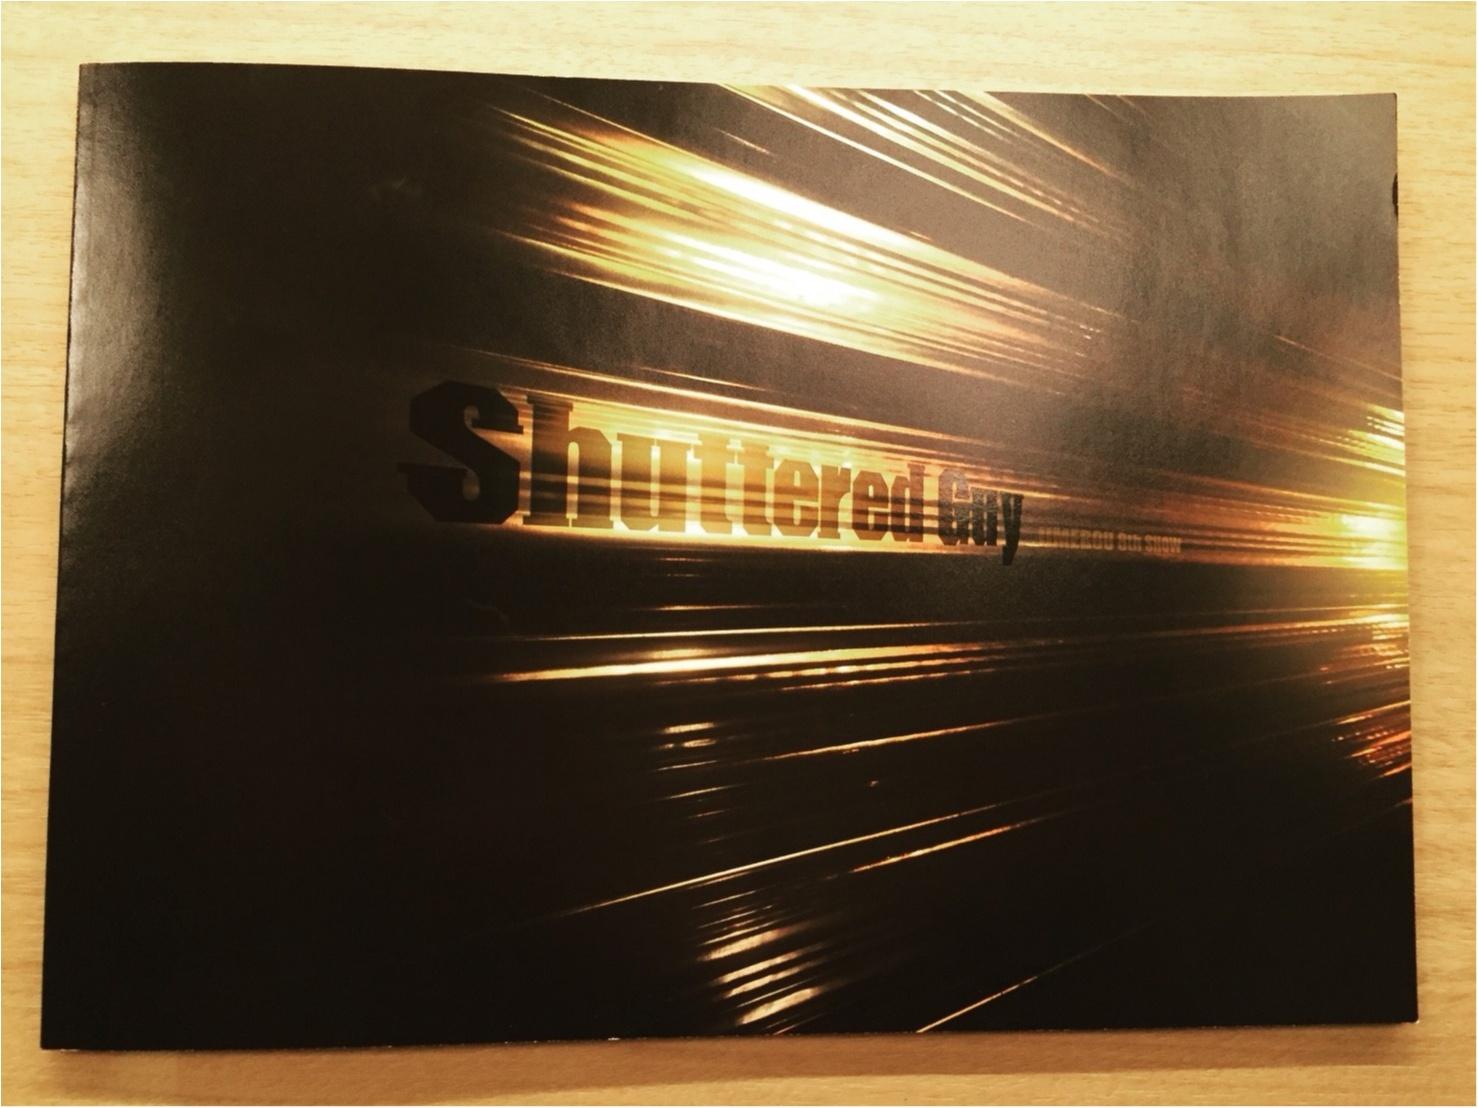 はじまりの春に心躍るエンタメ舞台【梅棒8th SHOW『Shuttered Guy』】4都市ツアー開幕!!_6